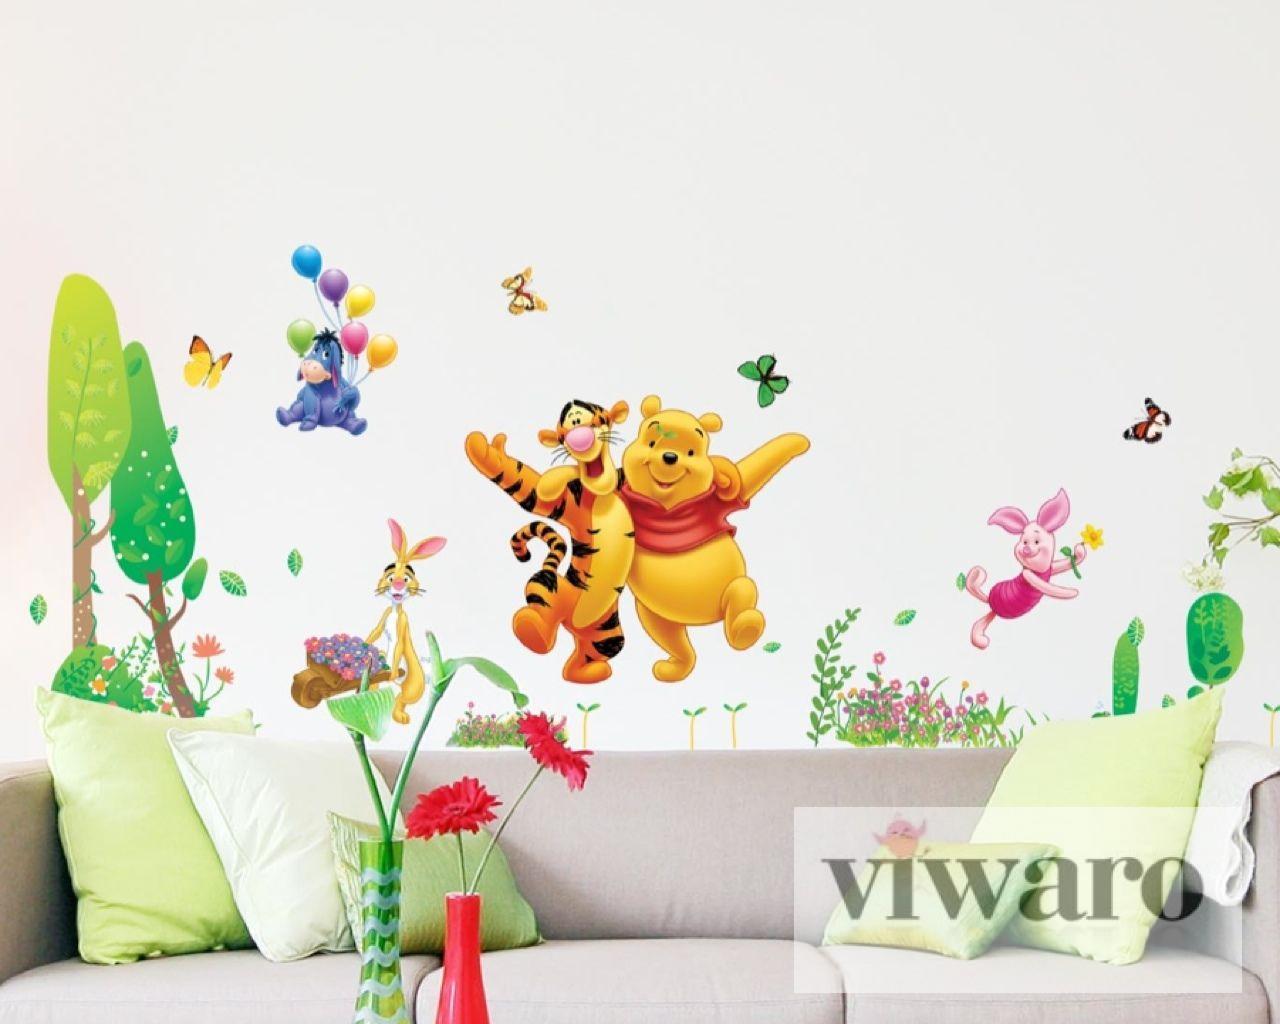 Kinderzimmer Bilder Motive Winnie Pooh ~ Kreative Ideen für Design ...